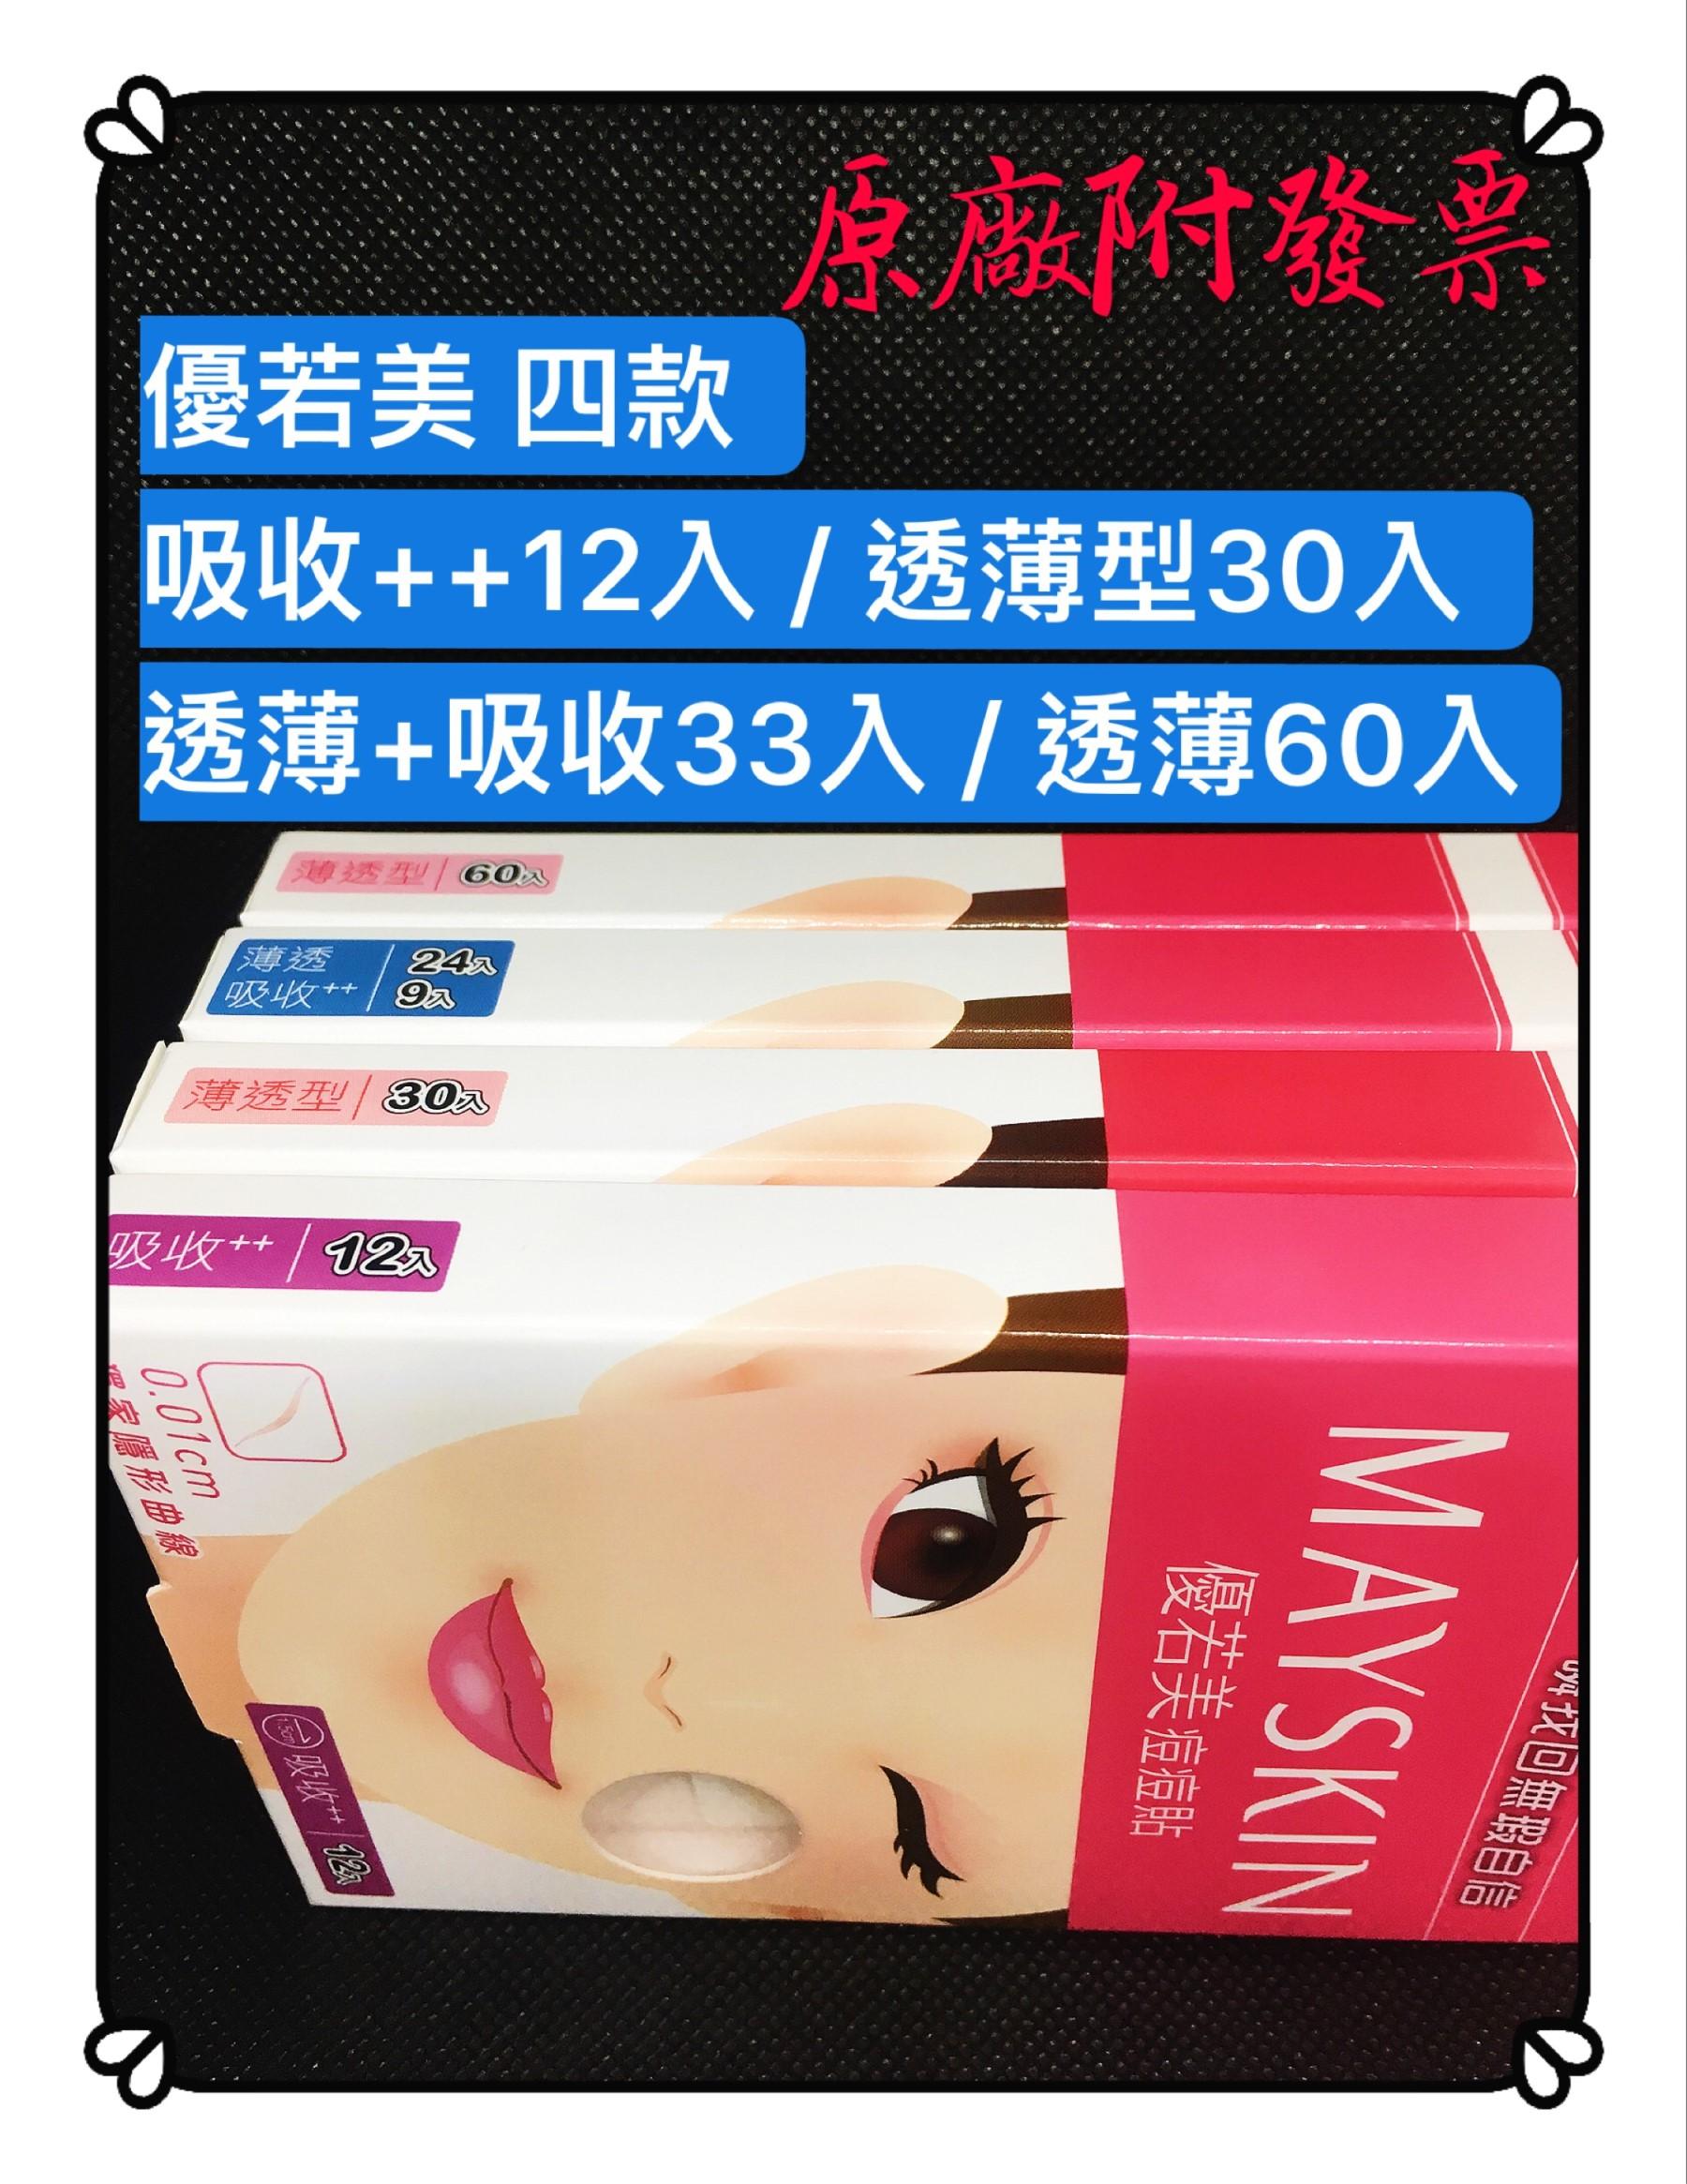 【MG】附發票 優若美 MaySkin 痘痘貼 新包裝上市 共4款 透薄型/吸收型 原廠公司貨